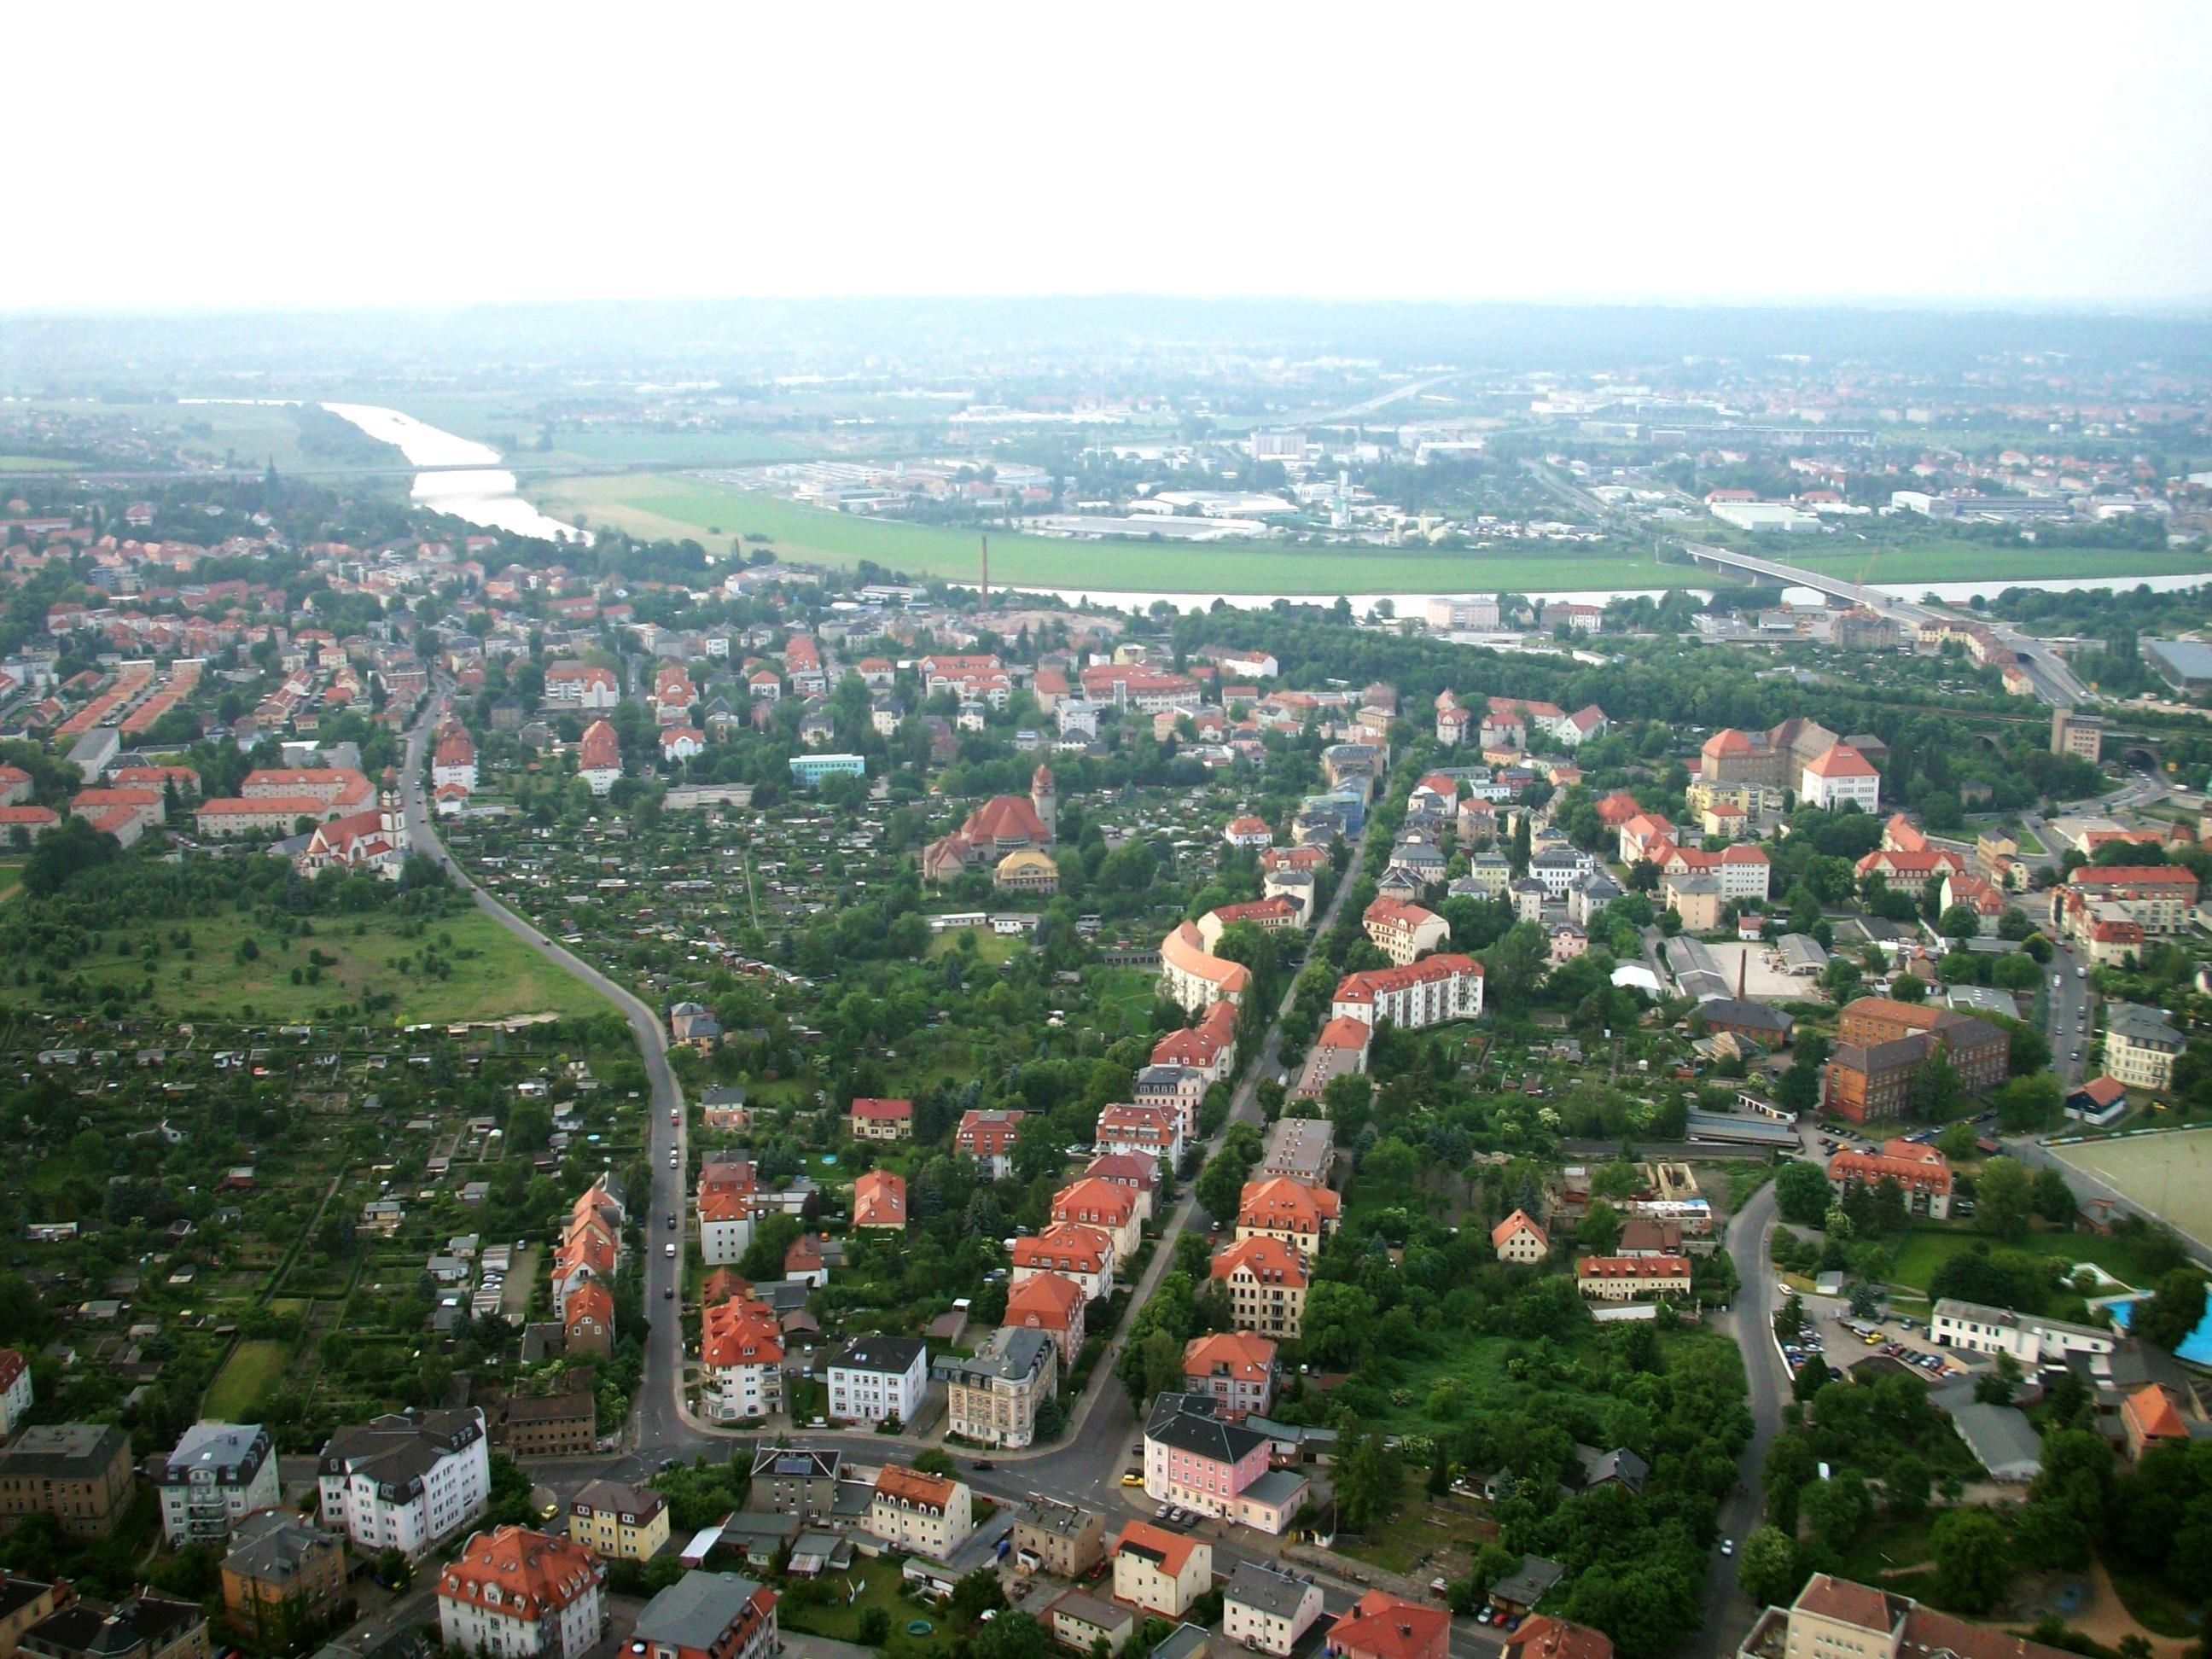 Luftbild Cotta Briesnitz.jpg